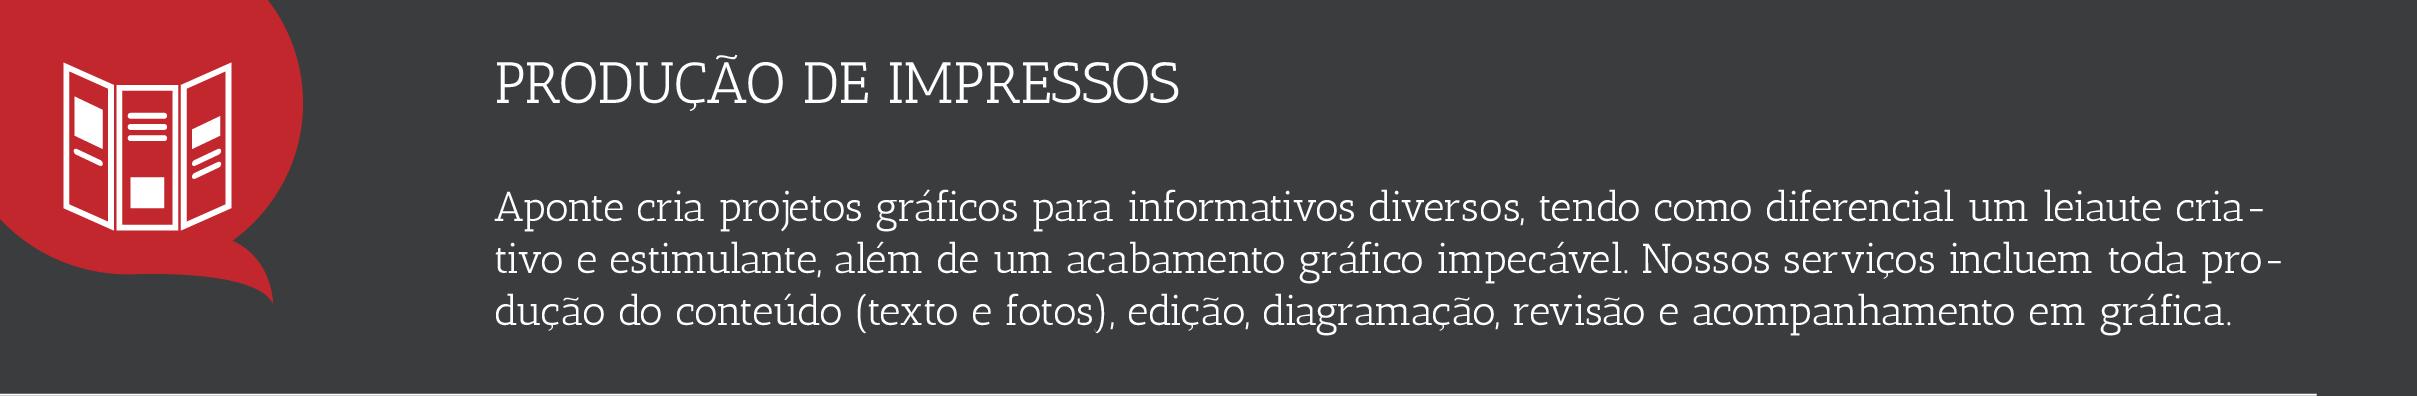 Servicos-impressos-02